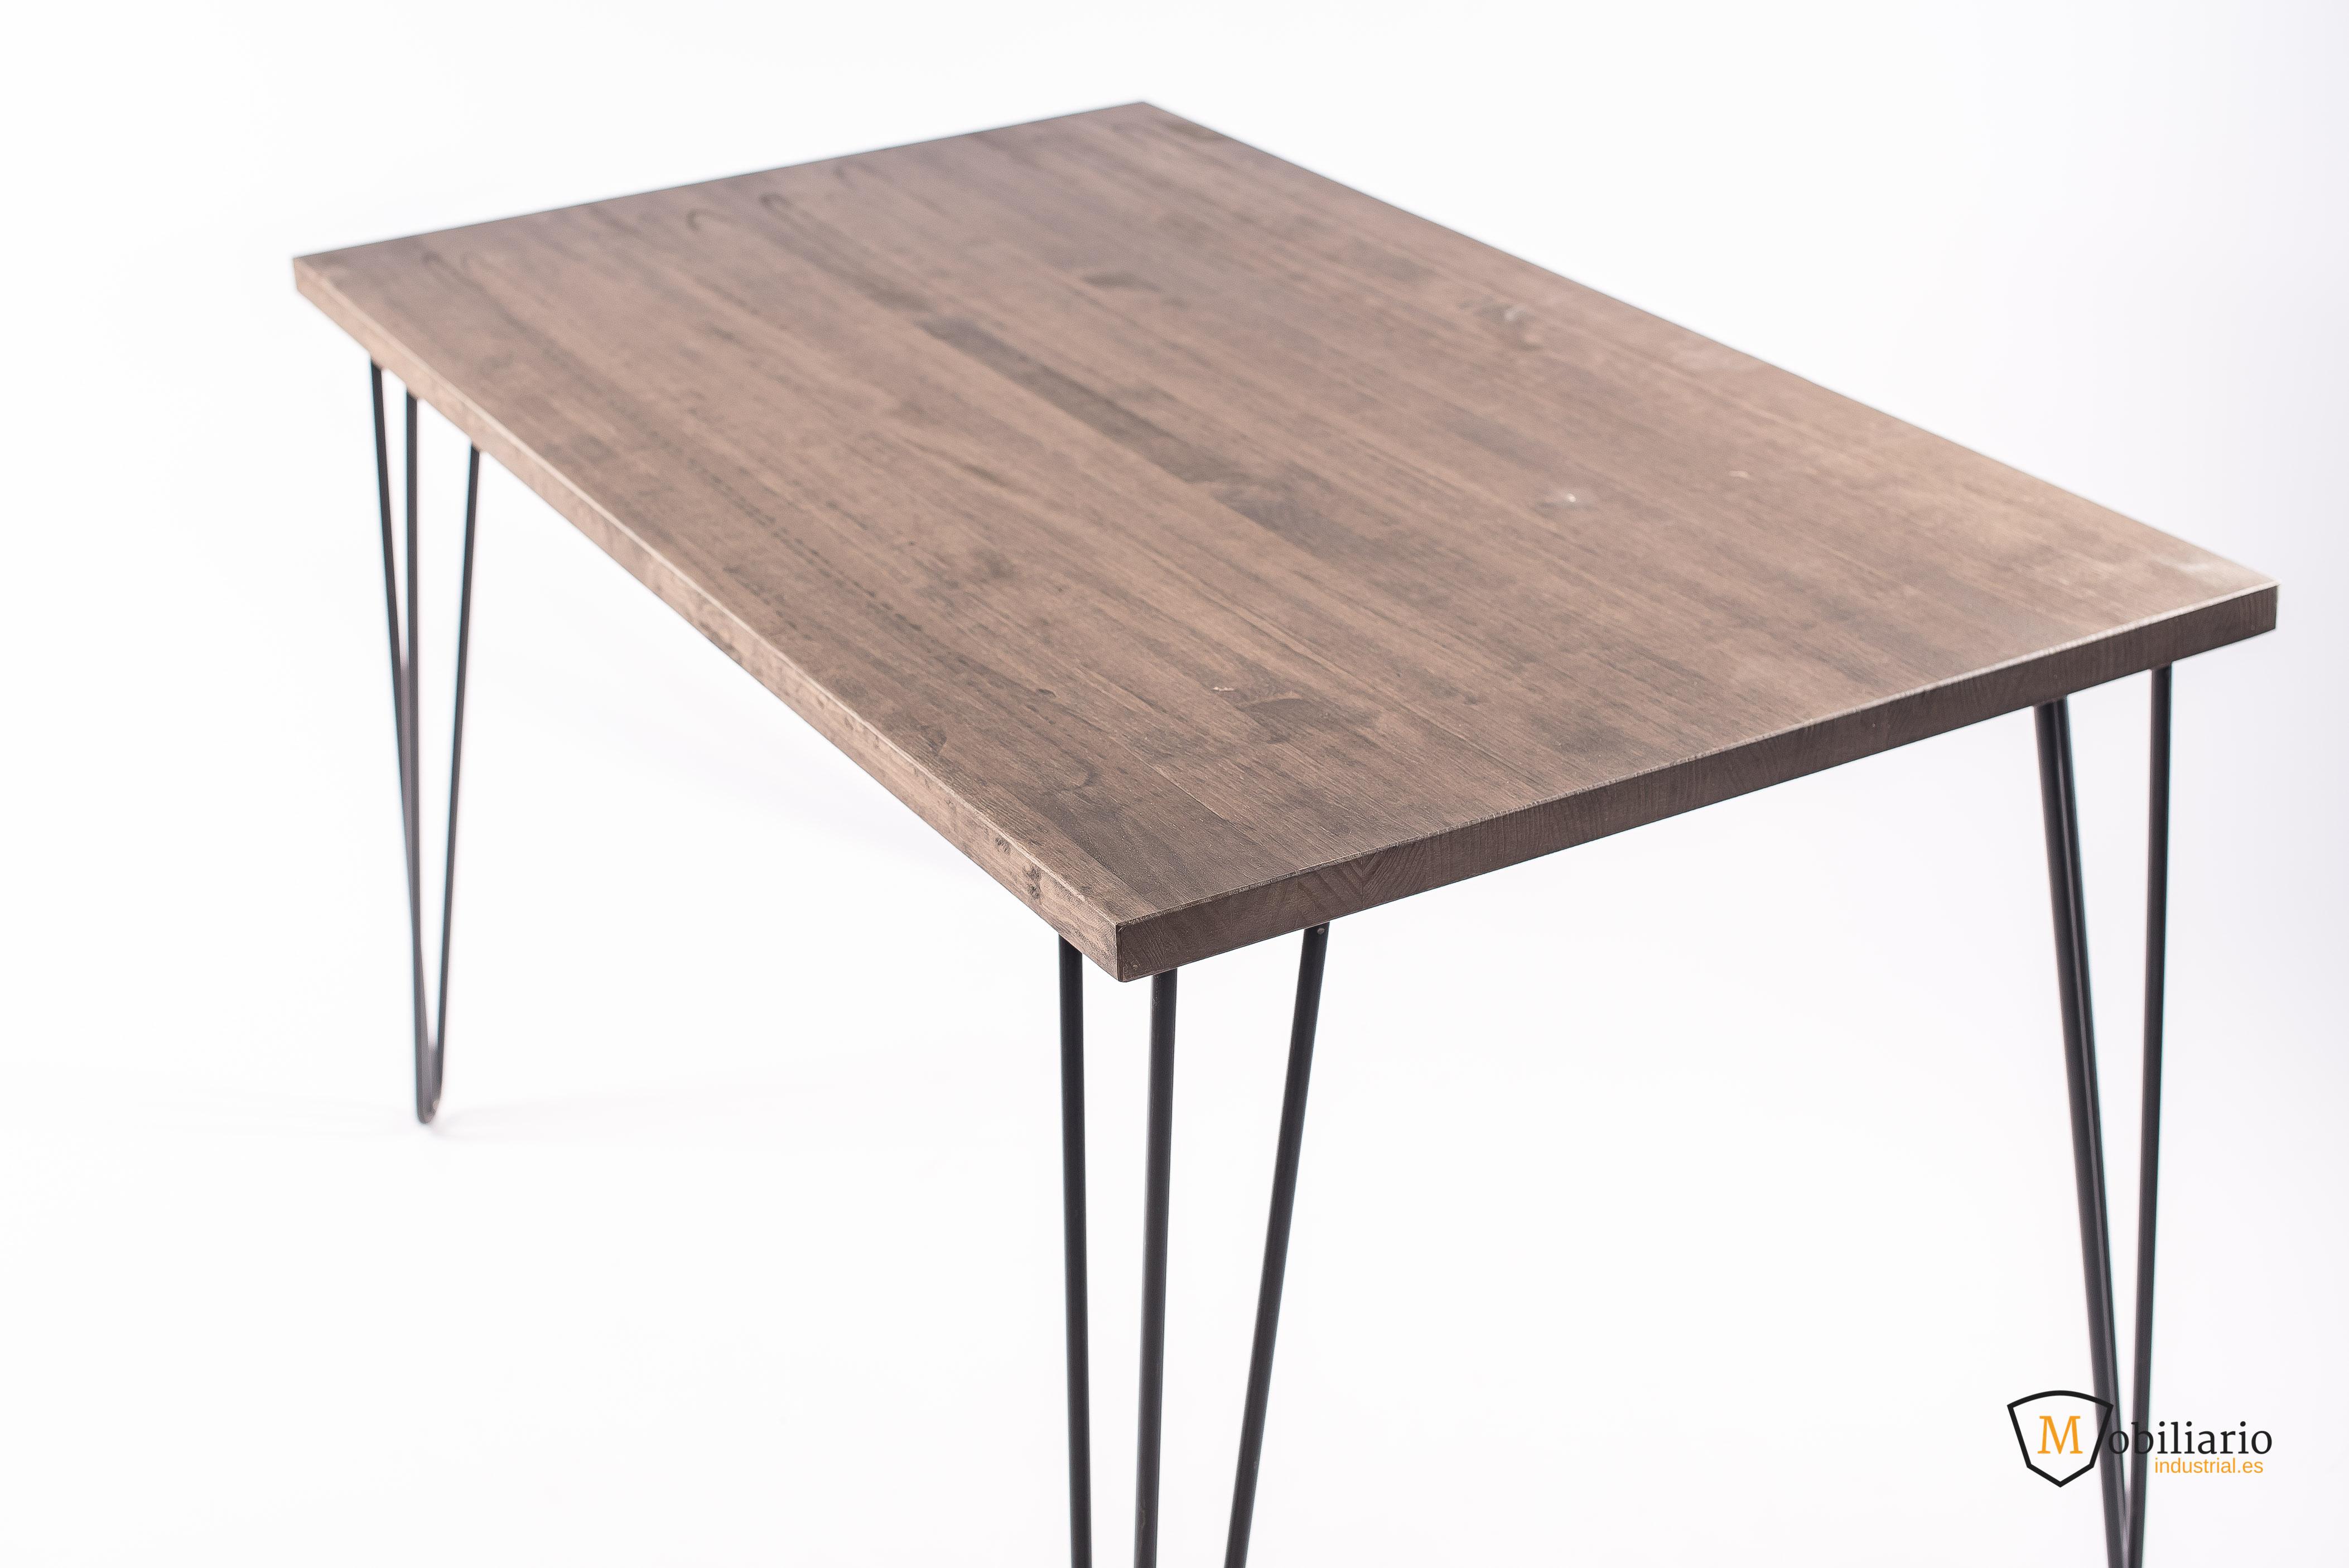 fabricar una mesa a bajo coste